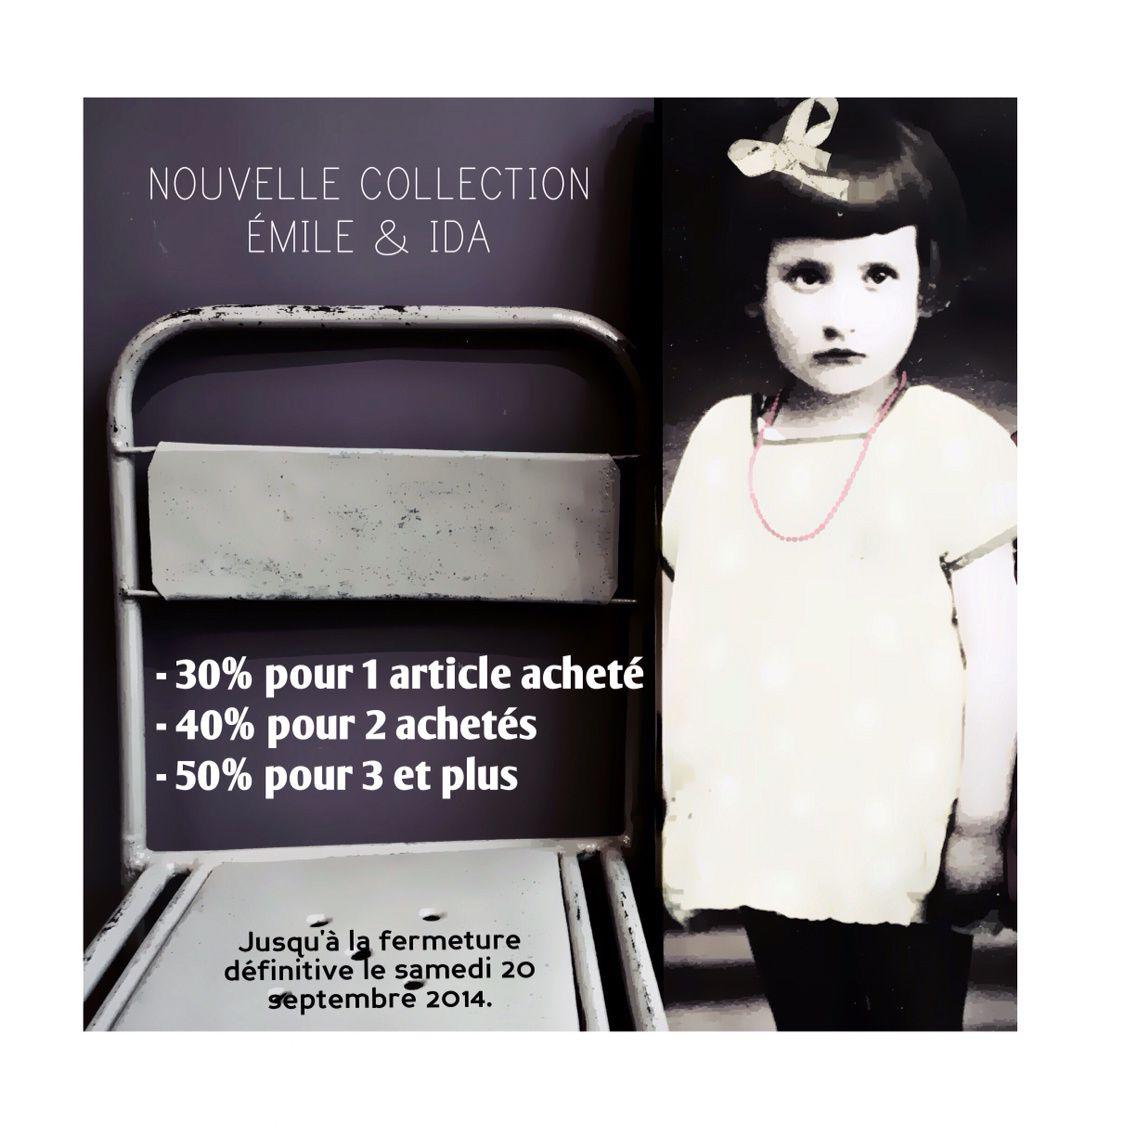 - 50% pour 3 articles achetés de la collection Émile et Ida jusqu'à la fermeture définitive le 20 septembre prochain